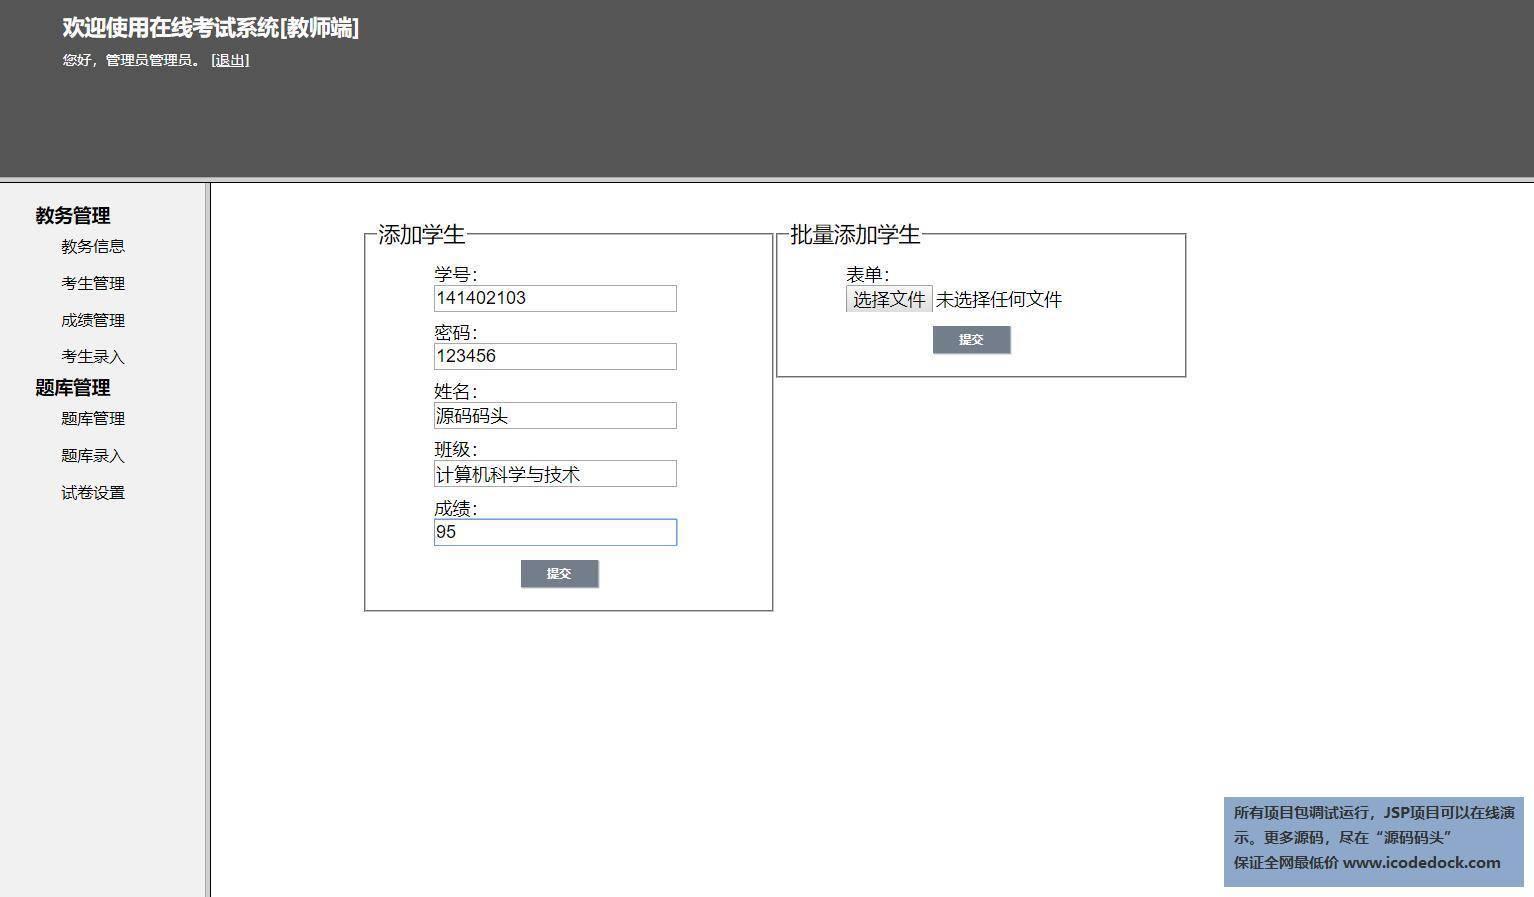 源码码头-JSP在线考试管理系统-管理员角色-考生录入